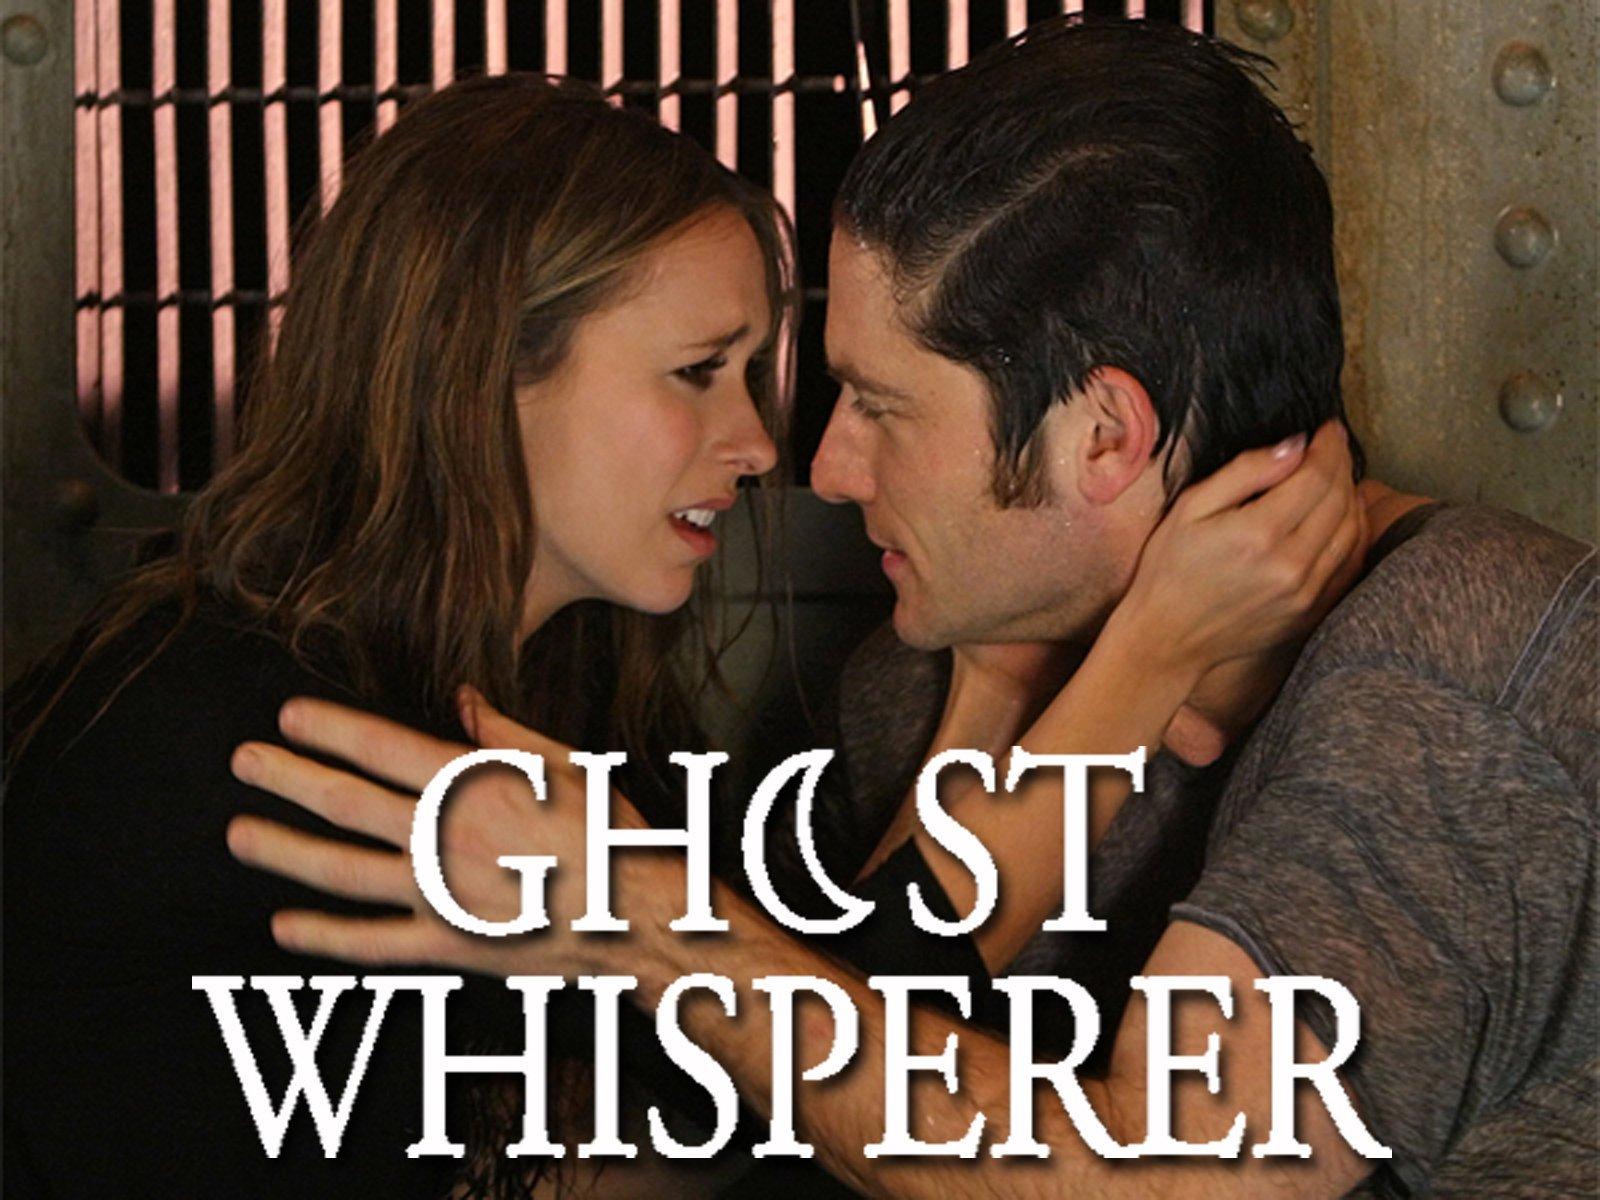 ghost whisperer season 2 episode 19